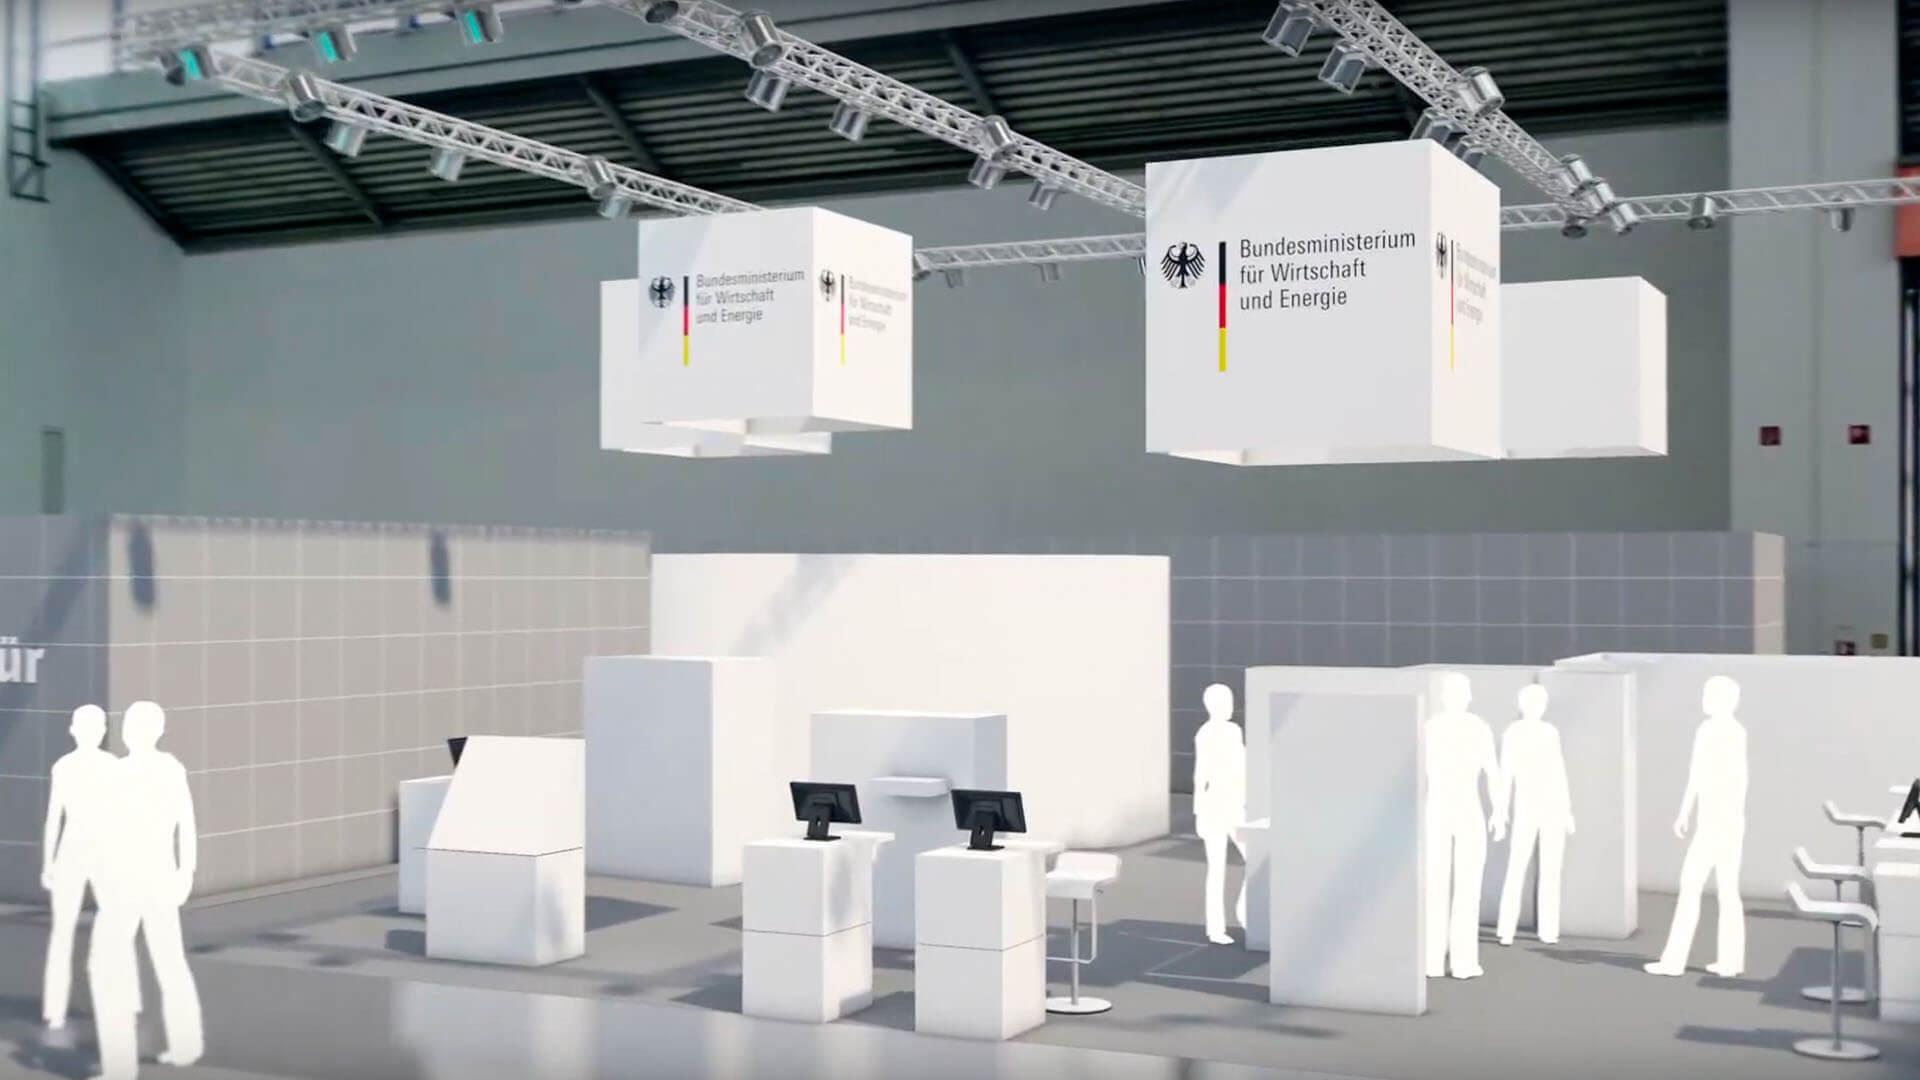 Treffpunkt Fachwelt - Die Halle C2 der IHM bietet ein umfangreiches Angebot auf über 10.000 m² für Experten, Fachbesucher und Entscheider aus Handwerksbetrieben, Handwerkskammern und der Handwerkspolitik.